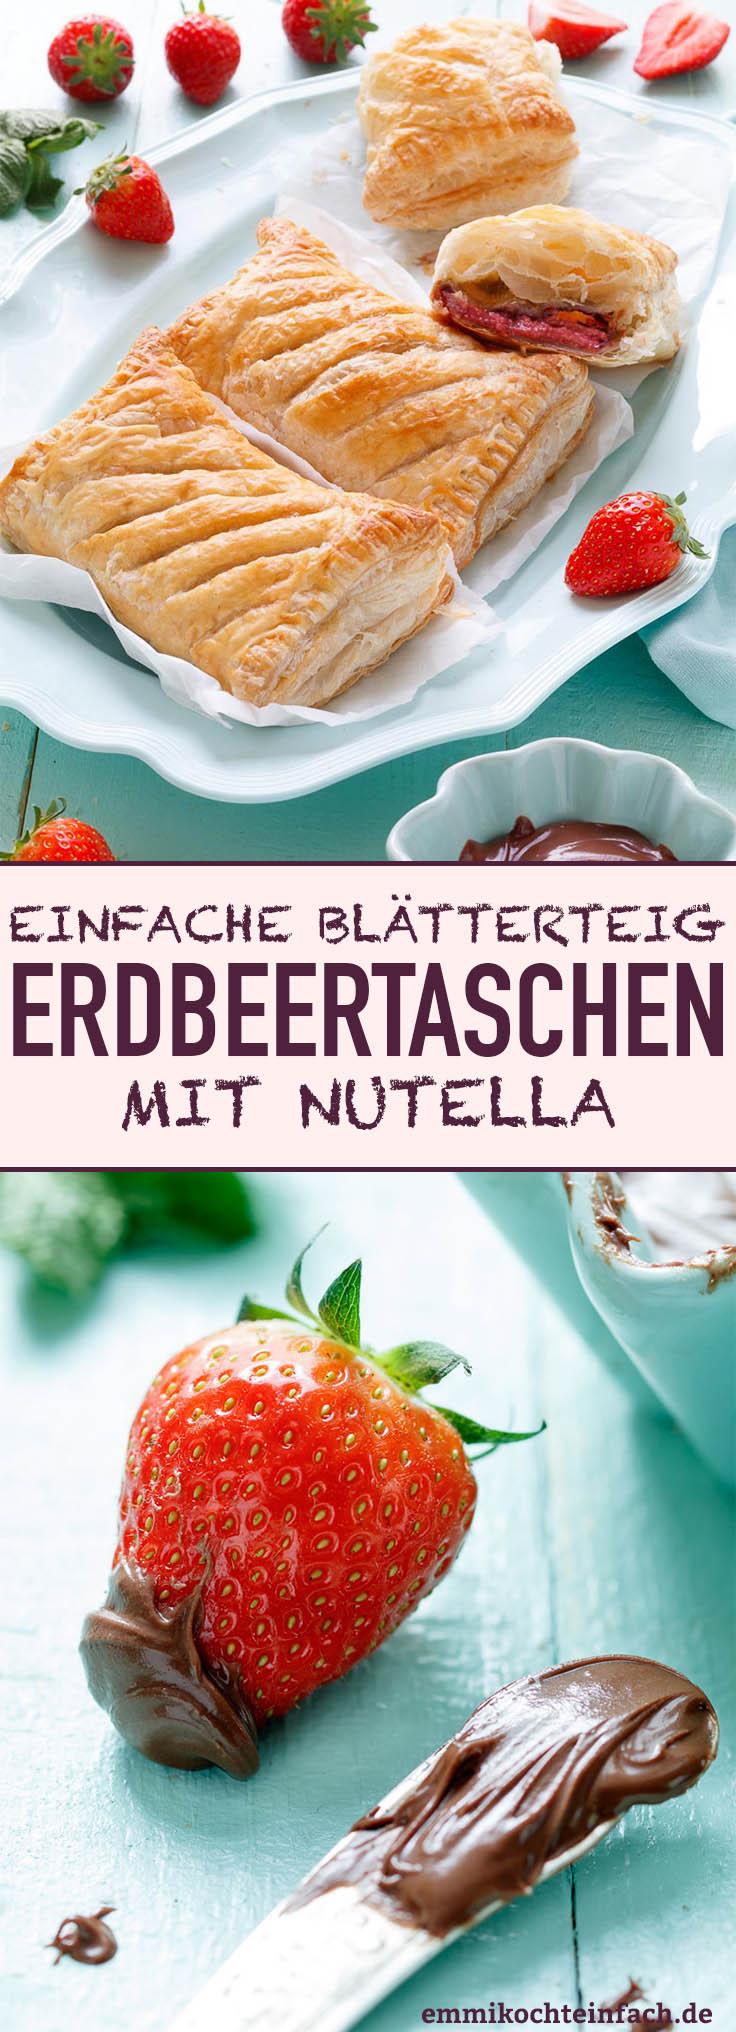 Erdbeertaschen mit Nutella - www.emmikochteinfach.de